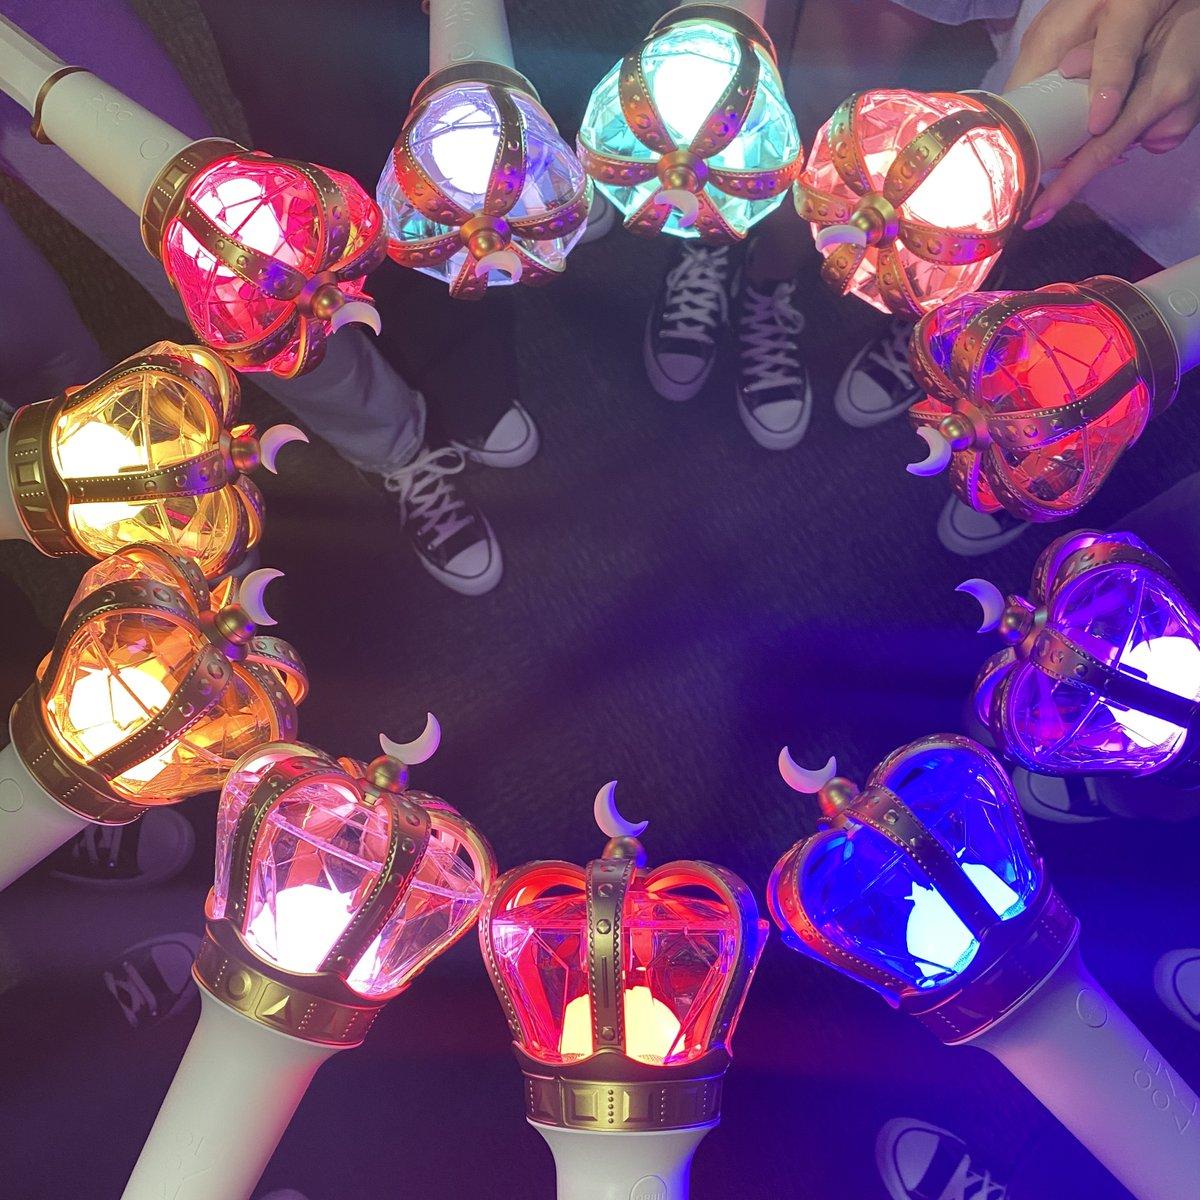 드디어 오빛과 야광봉을 흔들 수 있는 날이 왔어요! 잠시 후 오전 12시(KST) #이달의소녀 LOOΠΔ On Wave [LOOΠΔTHEWORLD : Midnight Festival]에서 오늘의 응원봉 컬러 흰색 라이트를 켜 주세요🤍 앞으로 랜선출첵 이벤트는 @loonastaff 에서 계속됩니다! 다같이 운동화 벗고 소리 질러~🌟👟 ⠀ #LOONA